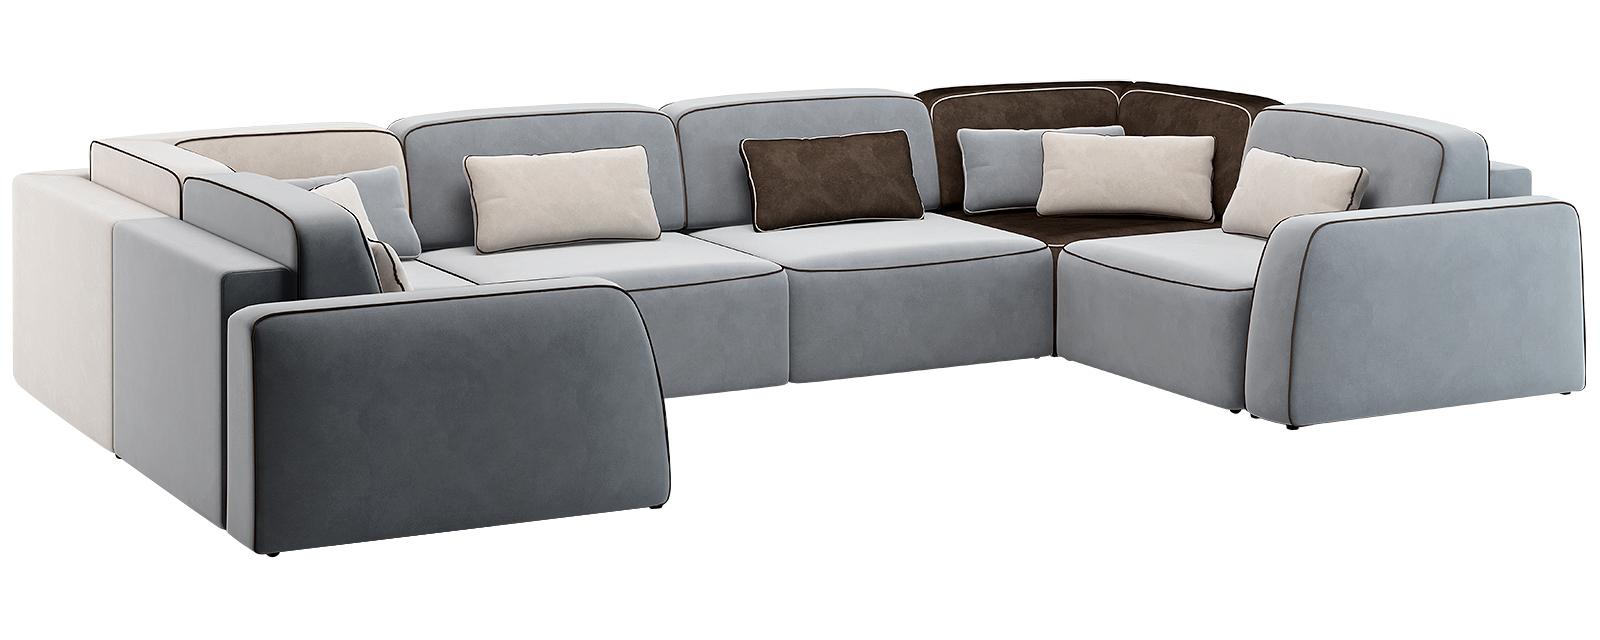 Модульный диван Портленд П-образный Вариант №5 Velutto комбинированный (Велюр)